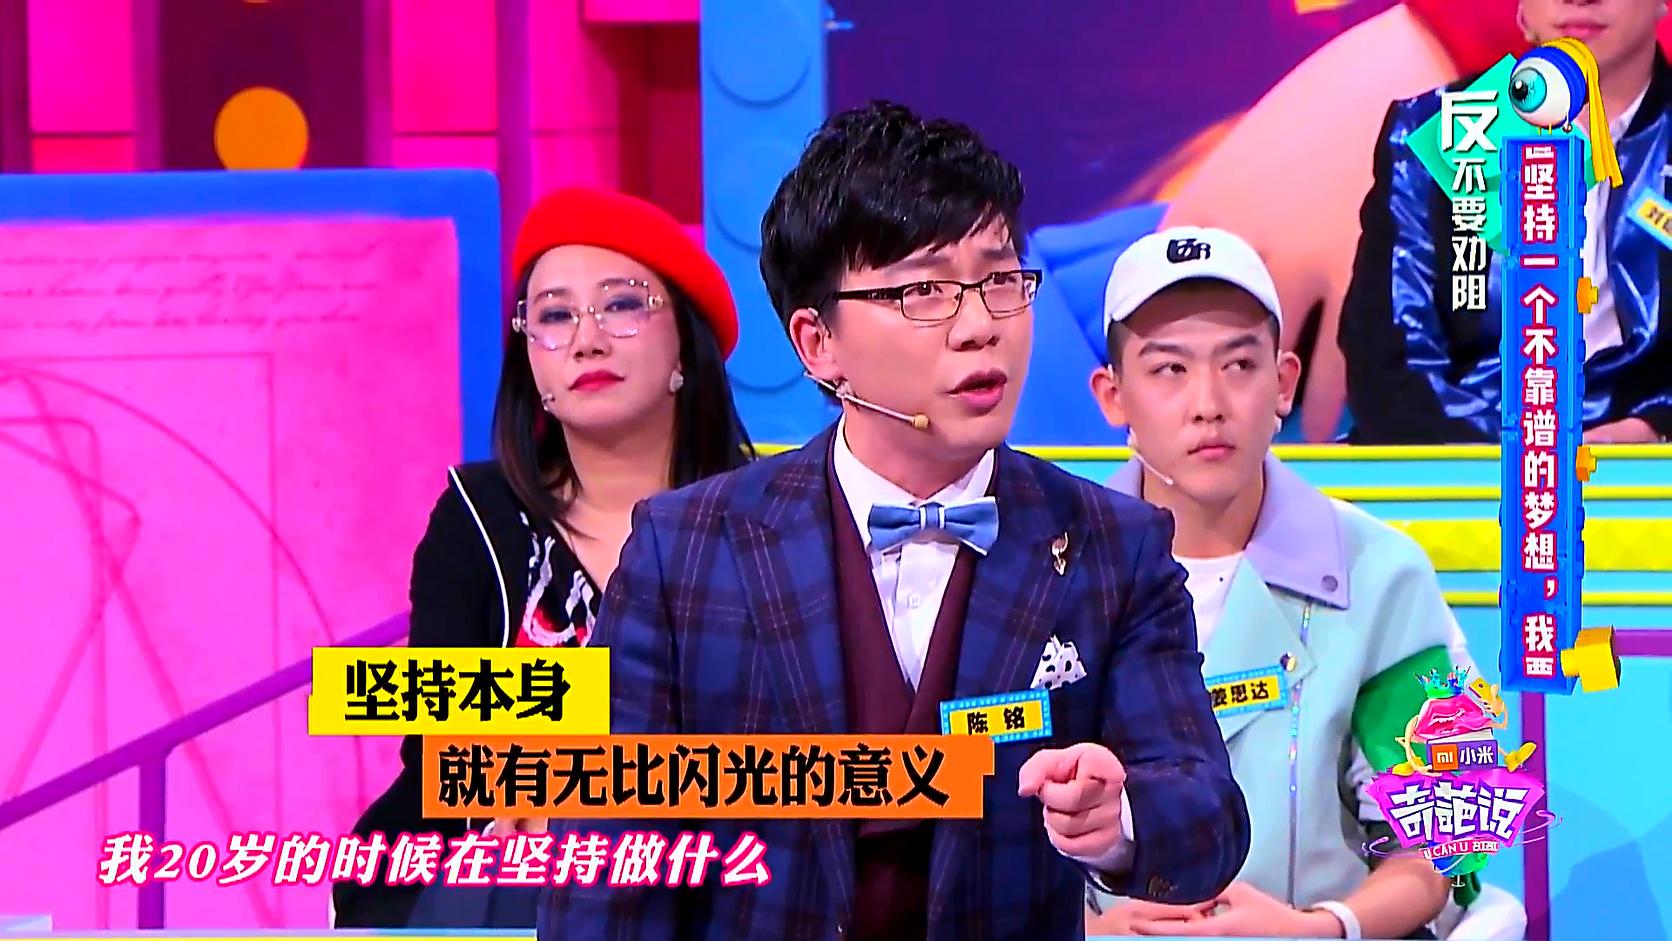 奇葩说:陈铭真严谨,规劝朋友的时候,阻止他只能把他往另一边推